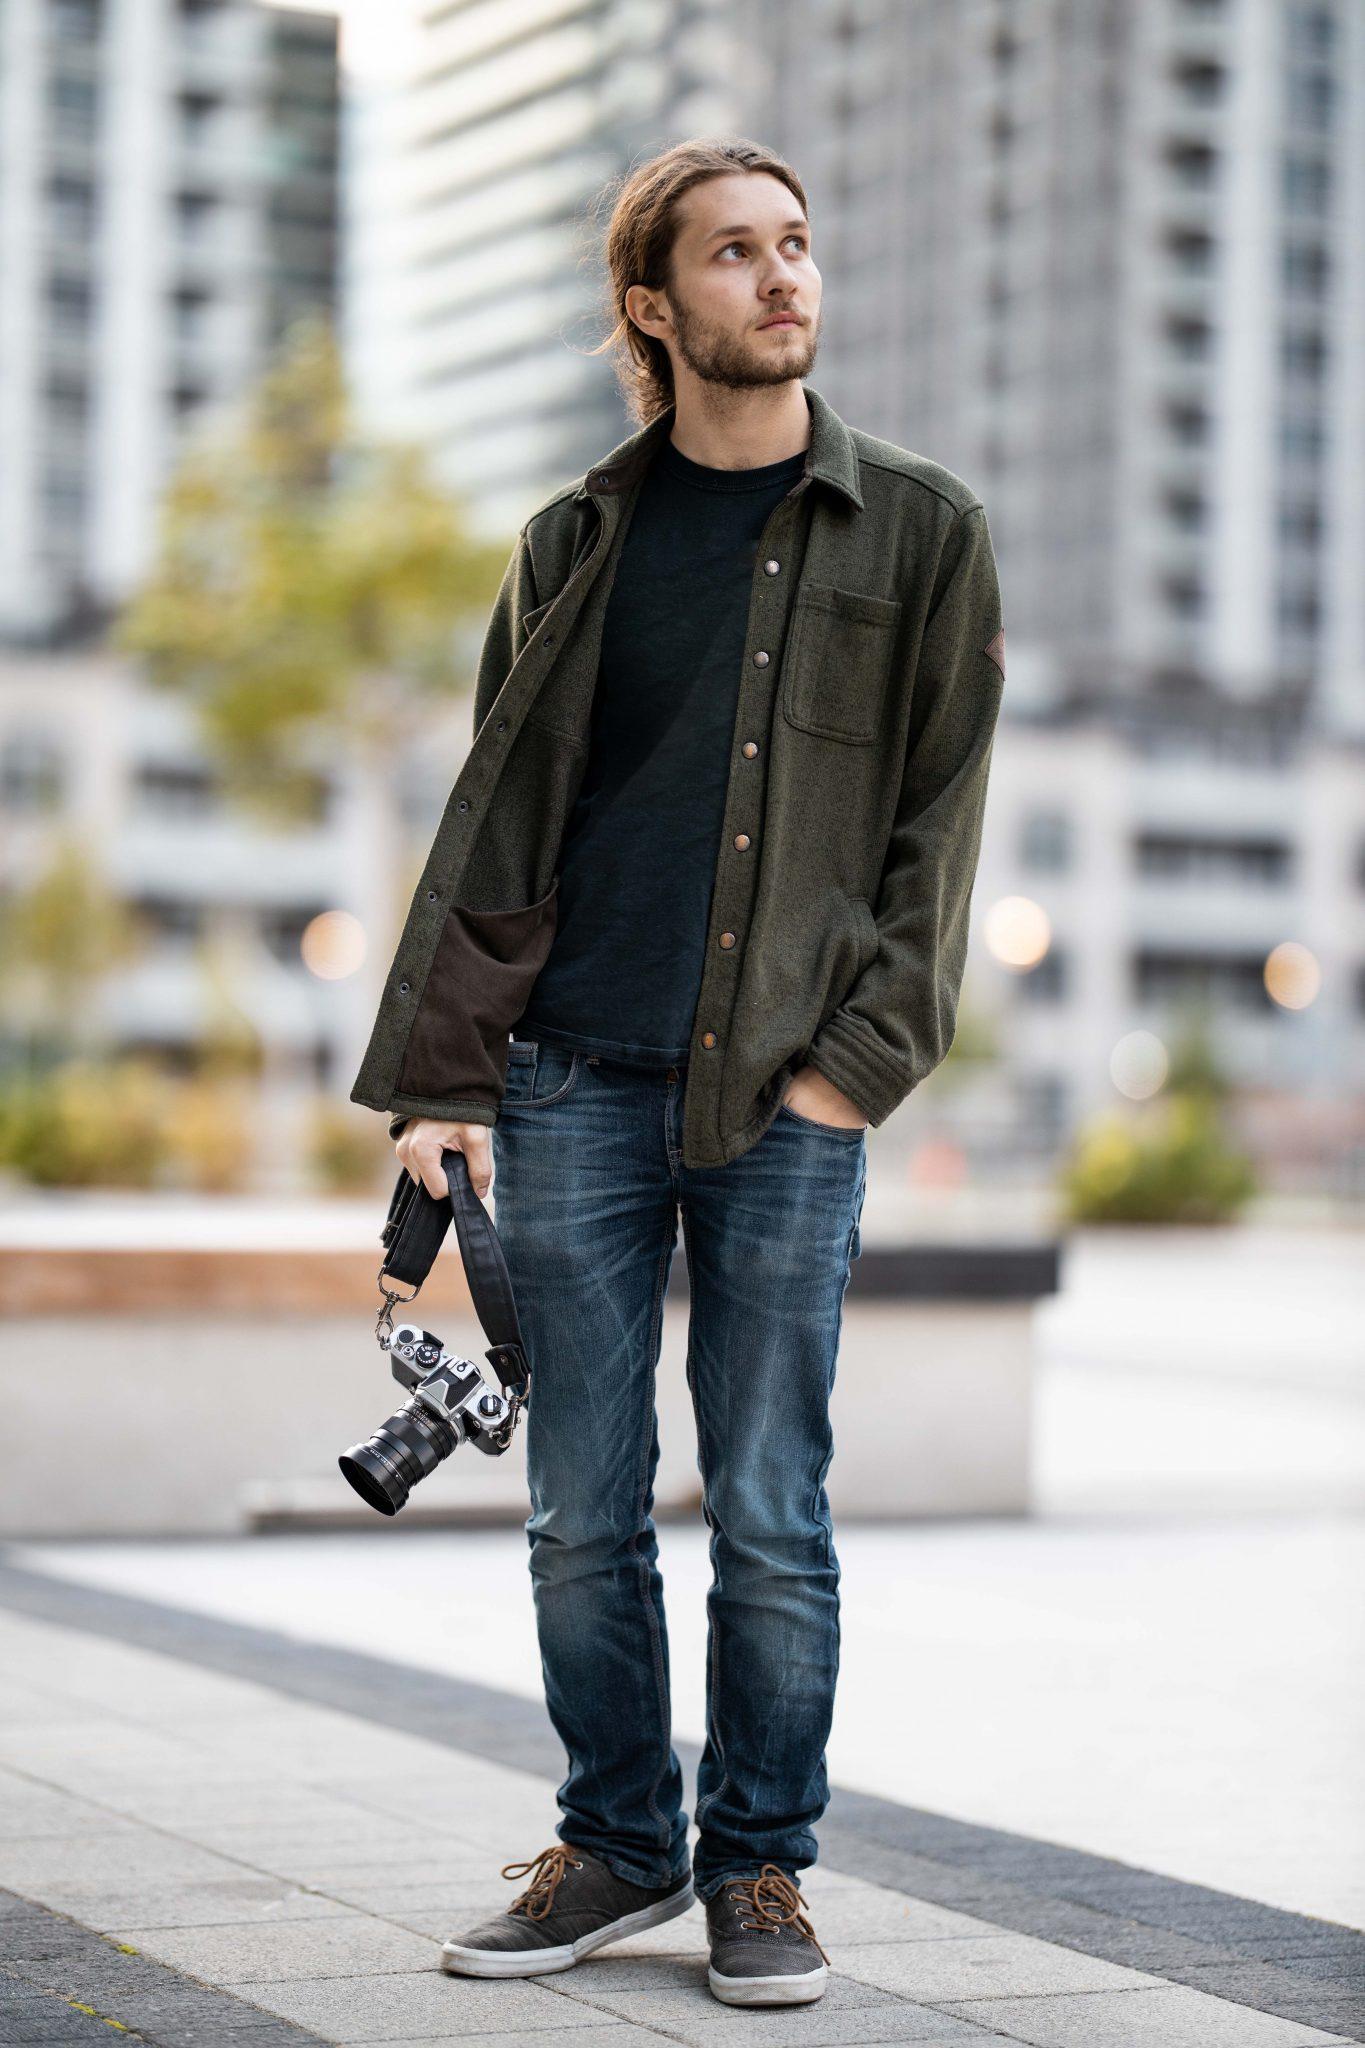 Canon EOS R + 85mm f/1.2L